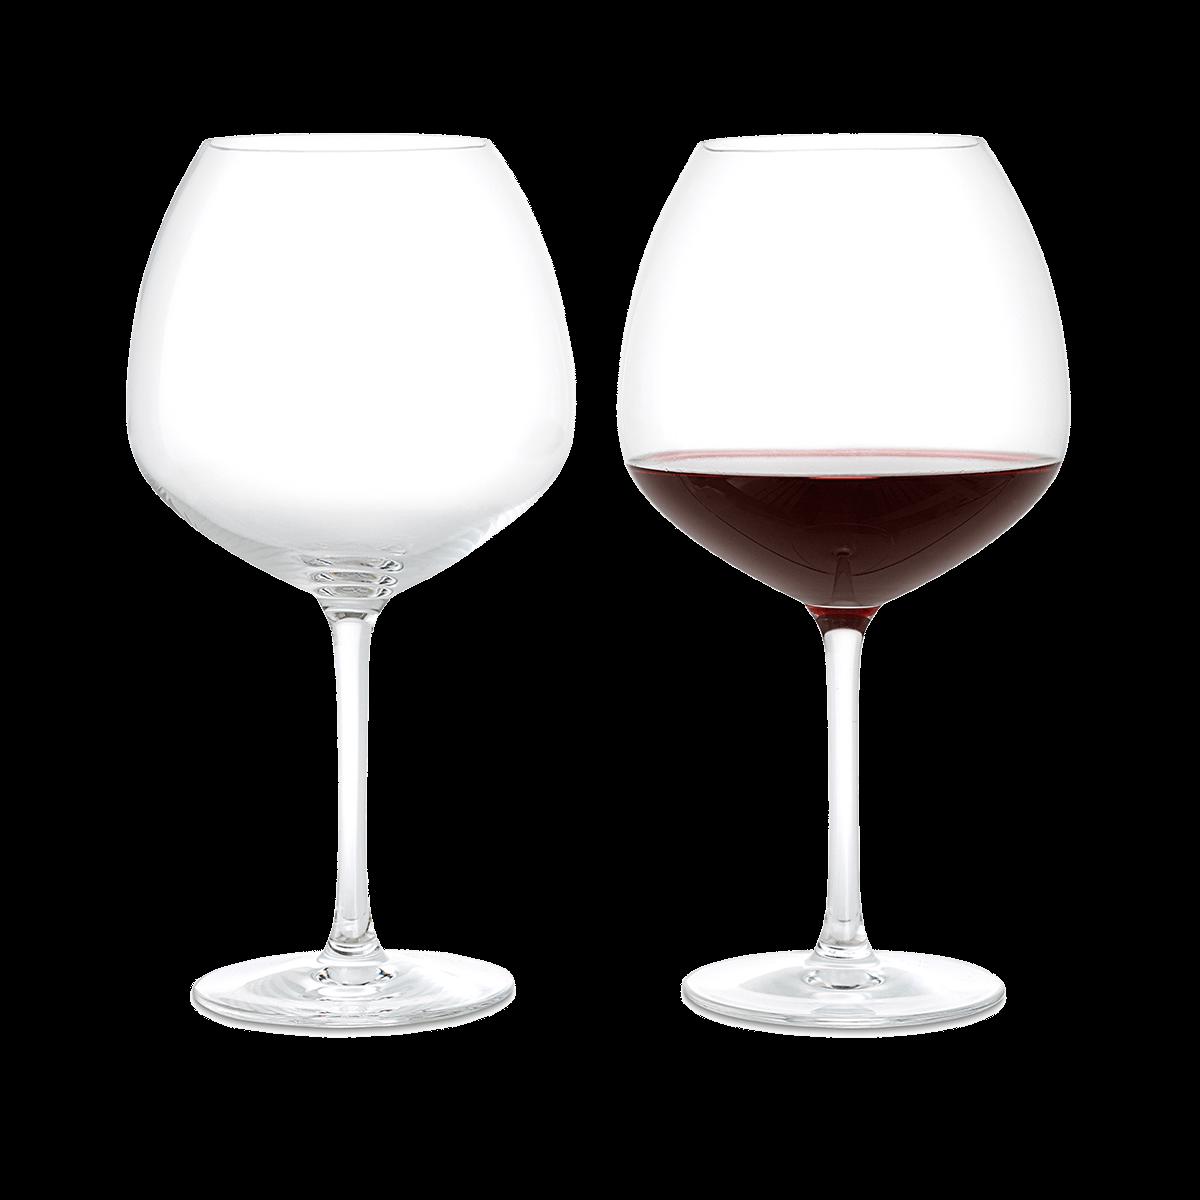 ROSENDAHL Premium rødvinsglas 93 cl 2 stk